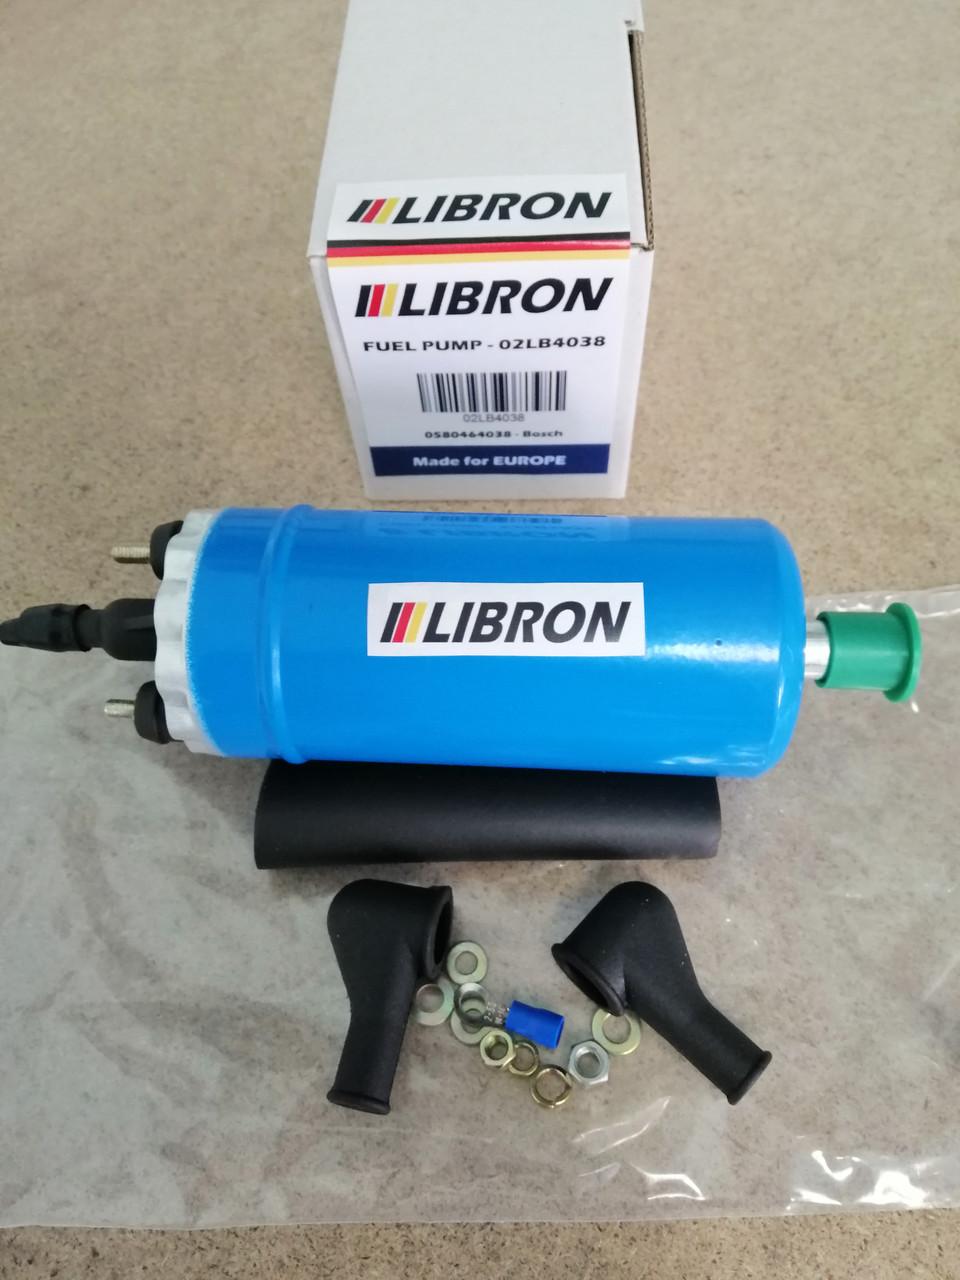 Бензонасос LIBRON 02LB4038 - Альфа Ромео 90 (162) 2.5 i.e. V6 (1984-1987)